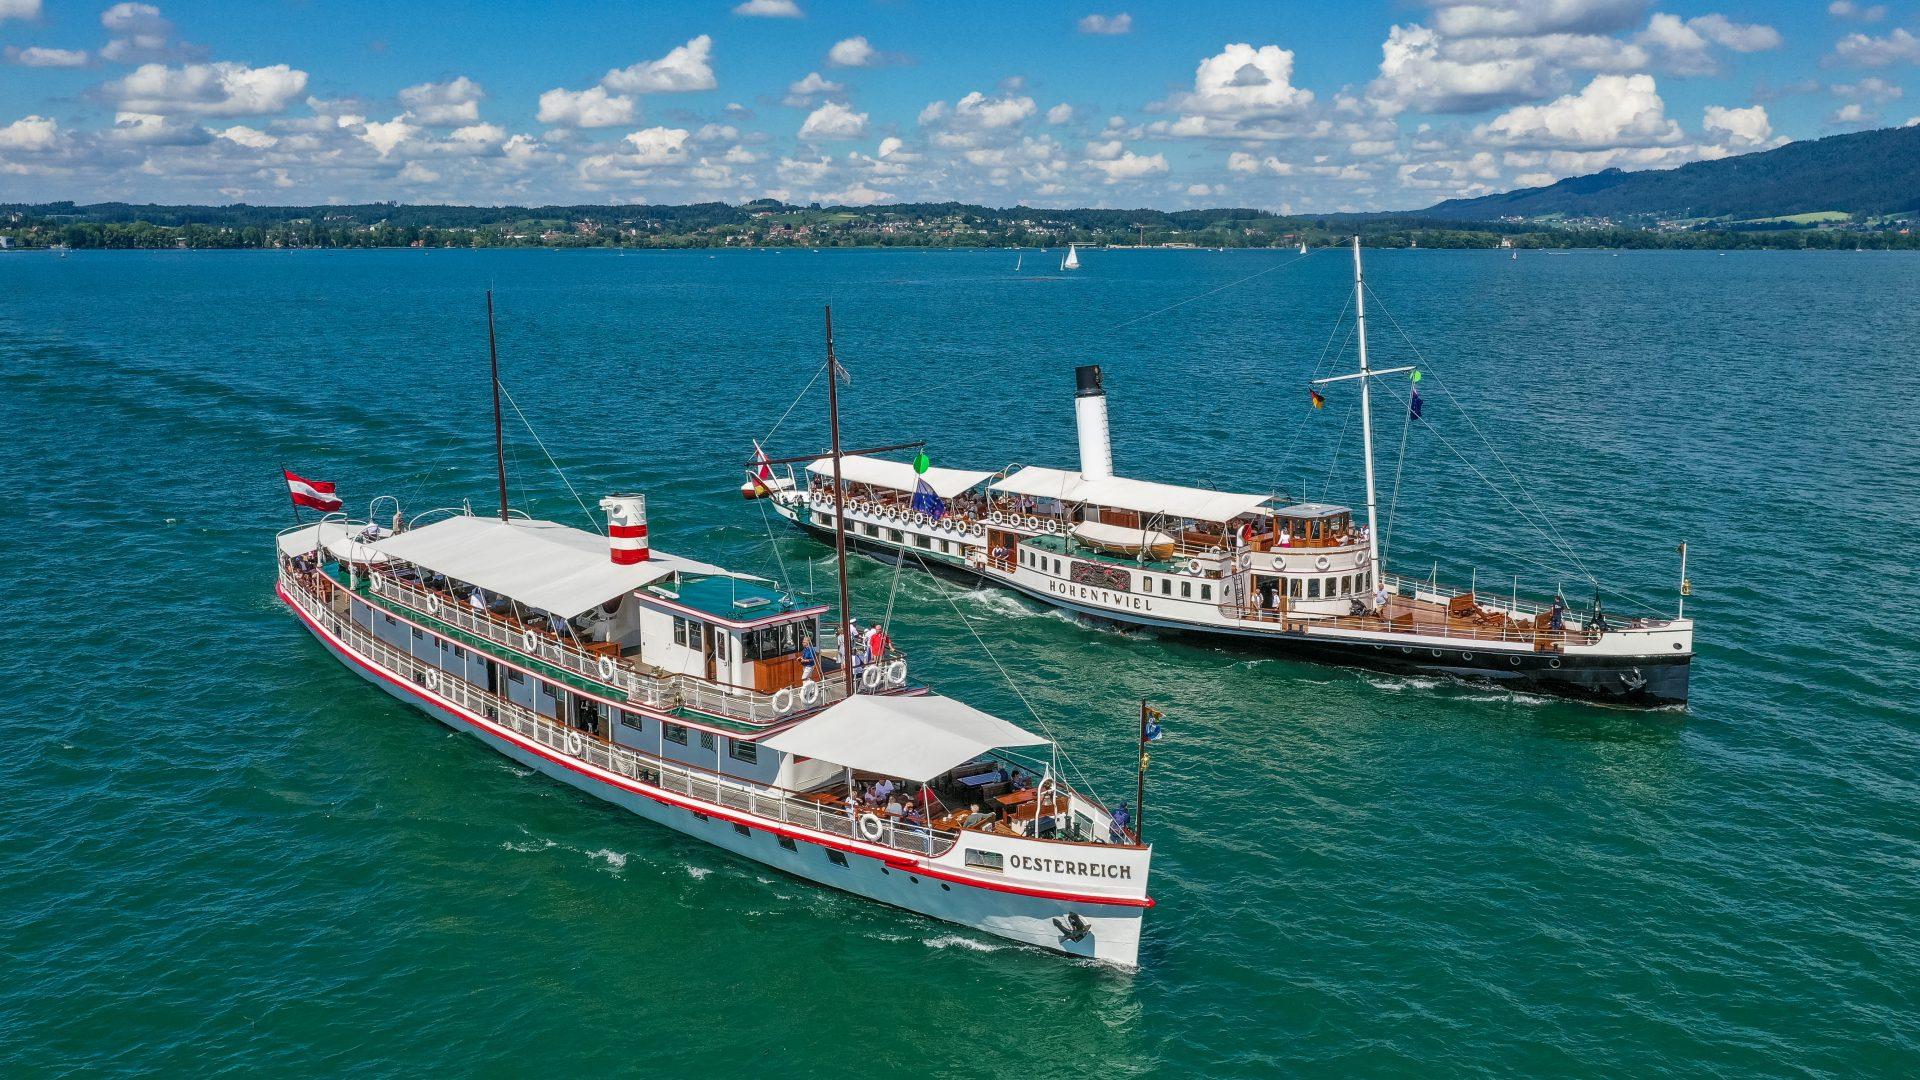 Historische Schifffahrt Bodensee